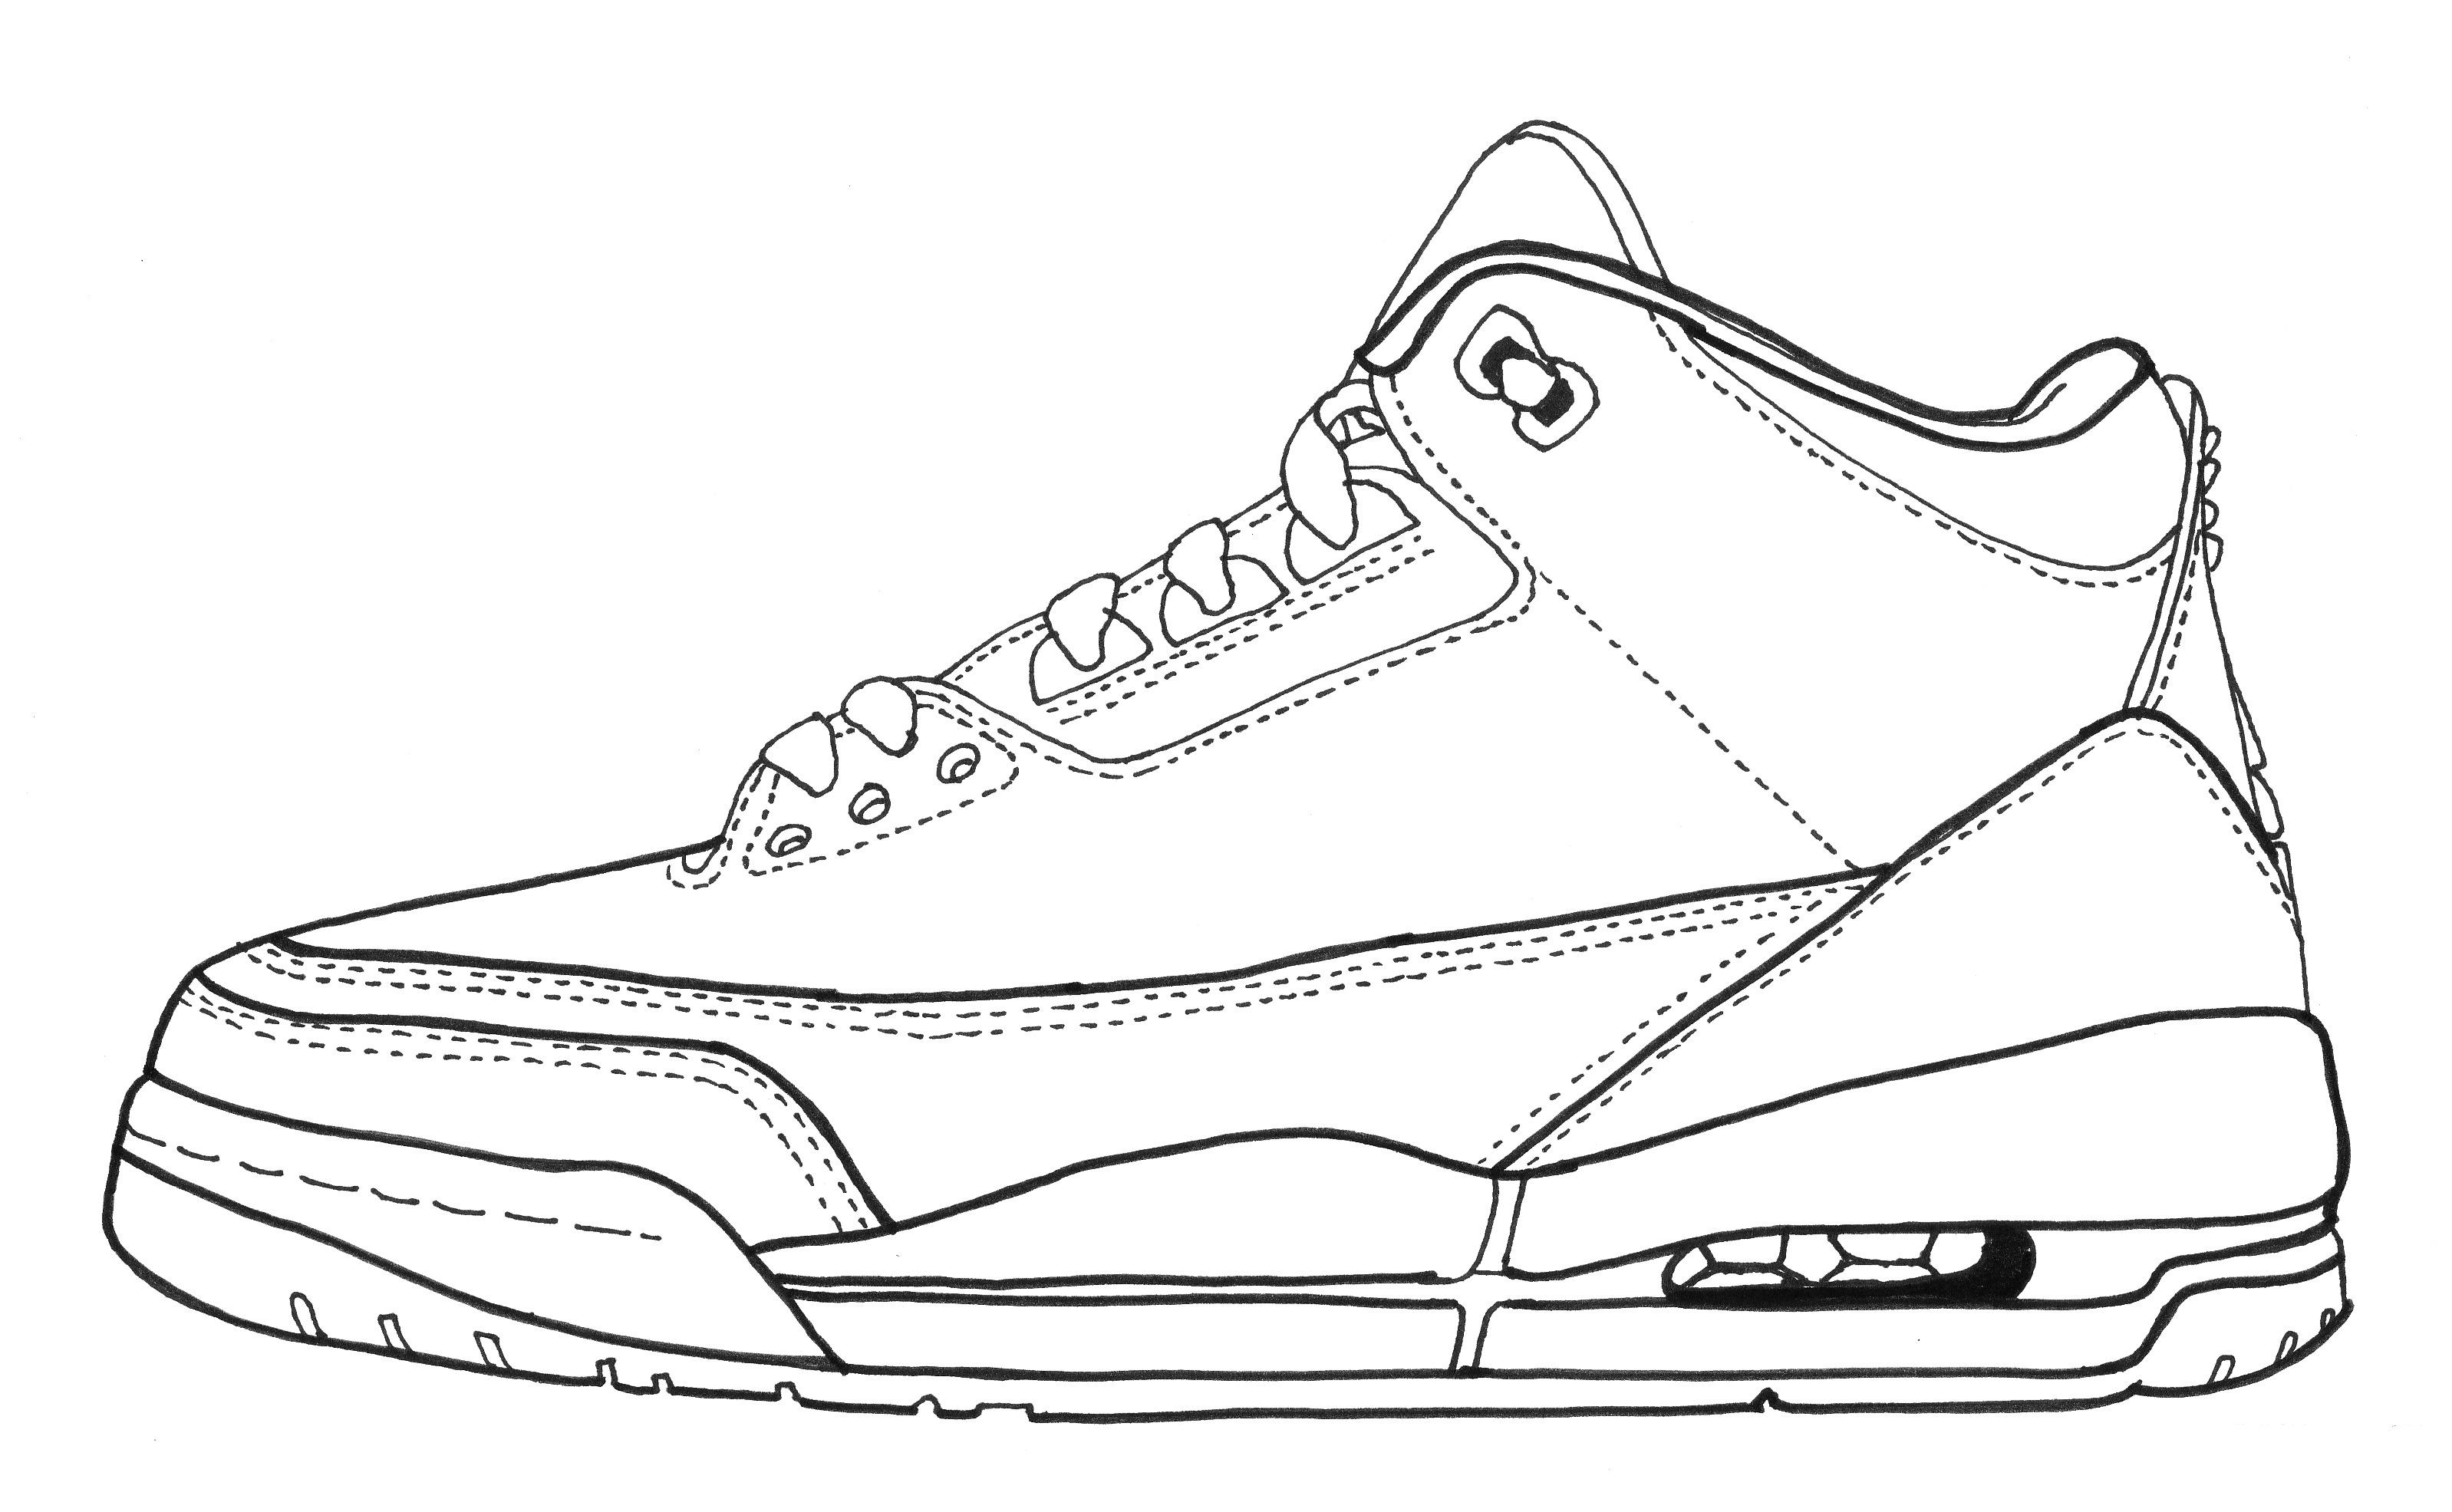 Drawn sneakers jordan 3 At Ryan com III by